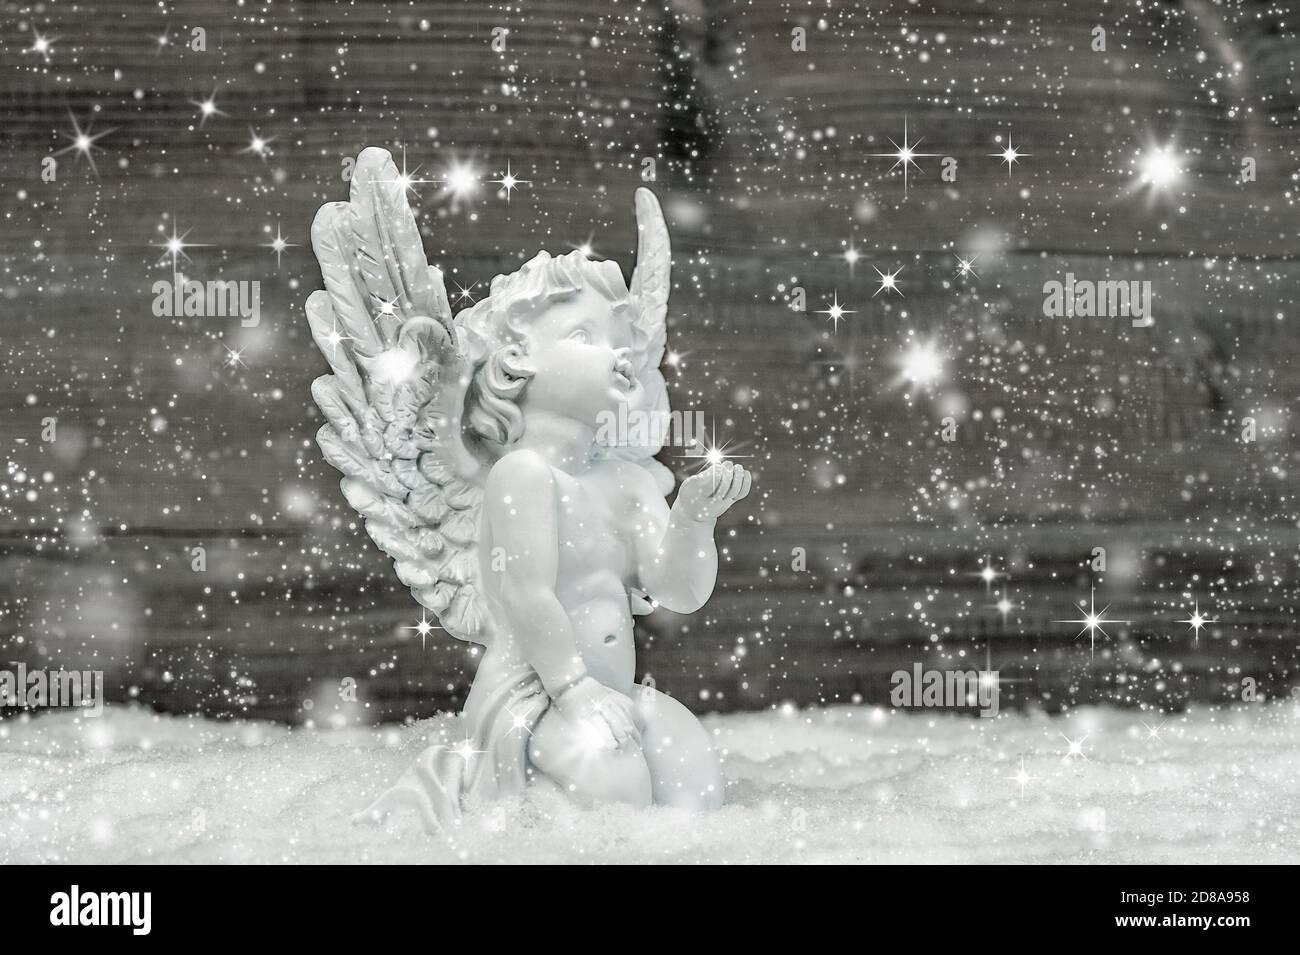 Ange dans la neige avec des flocons de neige et des étoiles. Décoration de Noël Banque D'Images